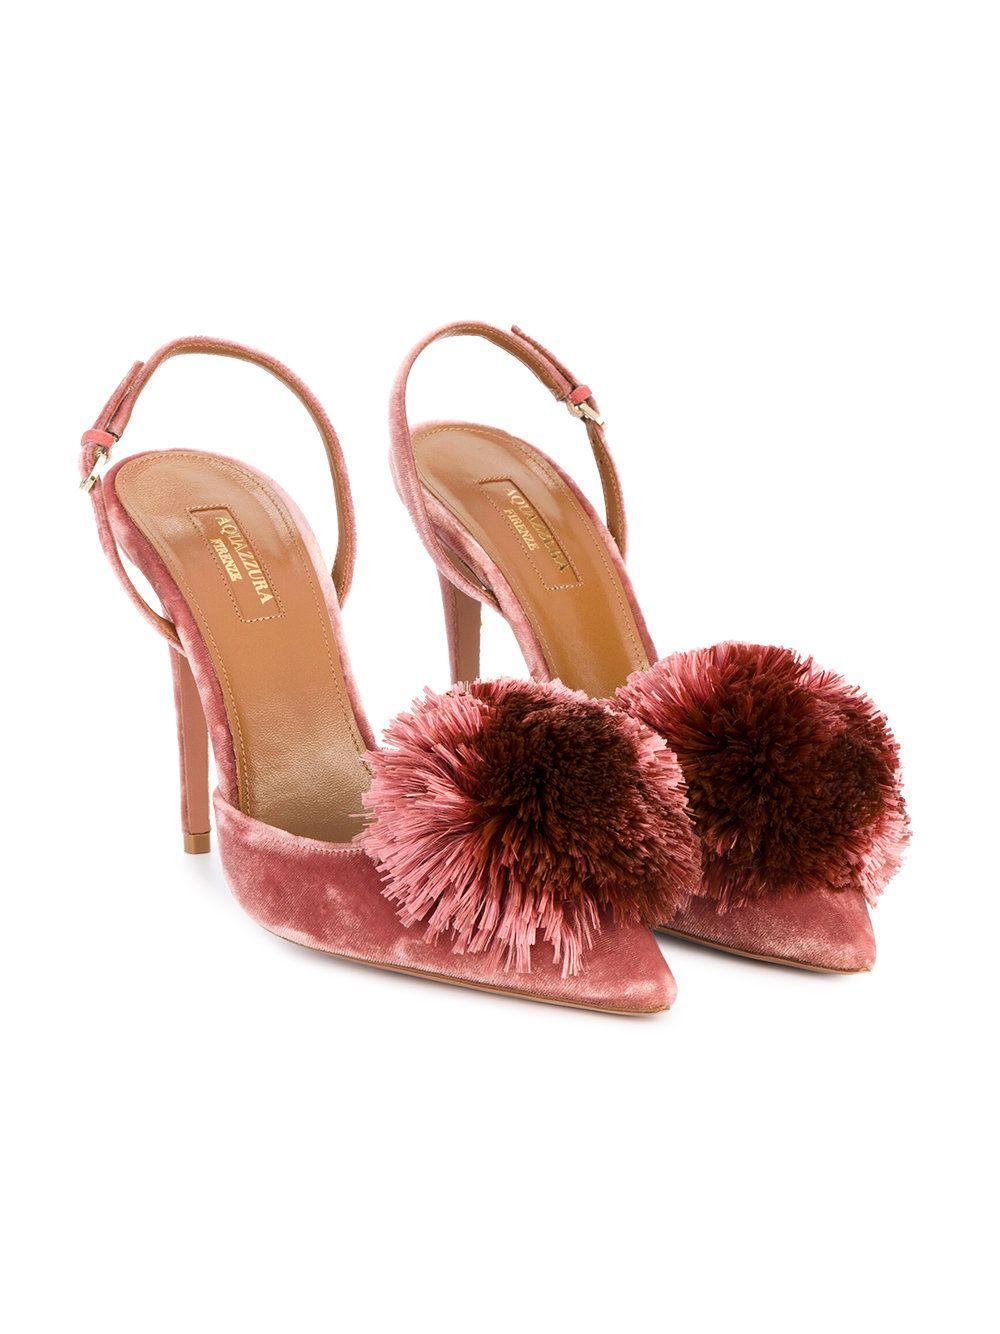 23076e0057b Aquazzura Powder Puff slingback heels